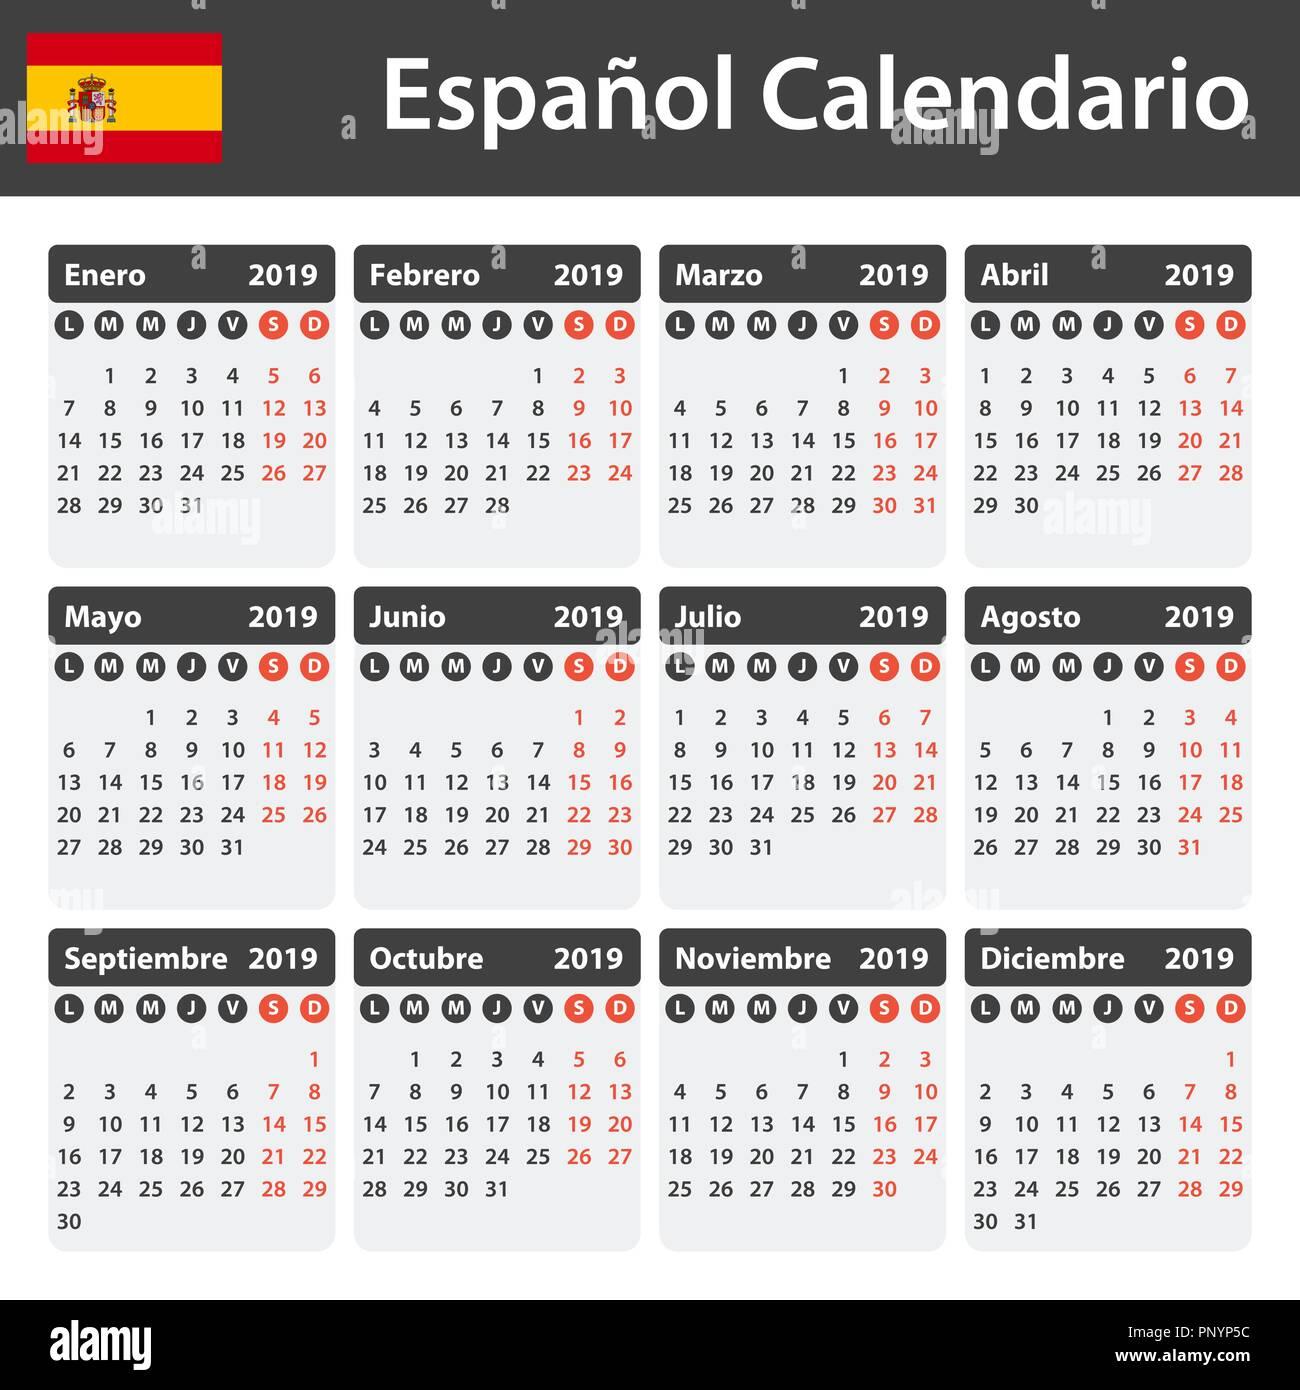 Calendario 2019 Con Numero Week.Spanish Calendar For 2019 Scheduler Agenda Or Diary